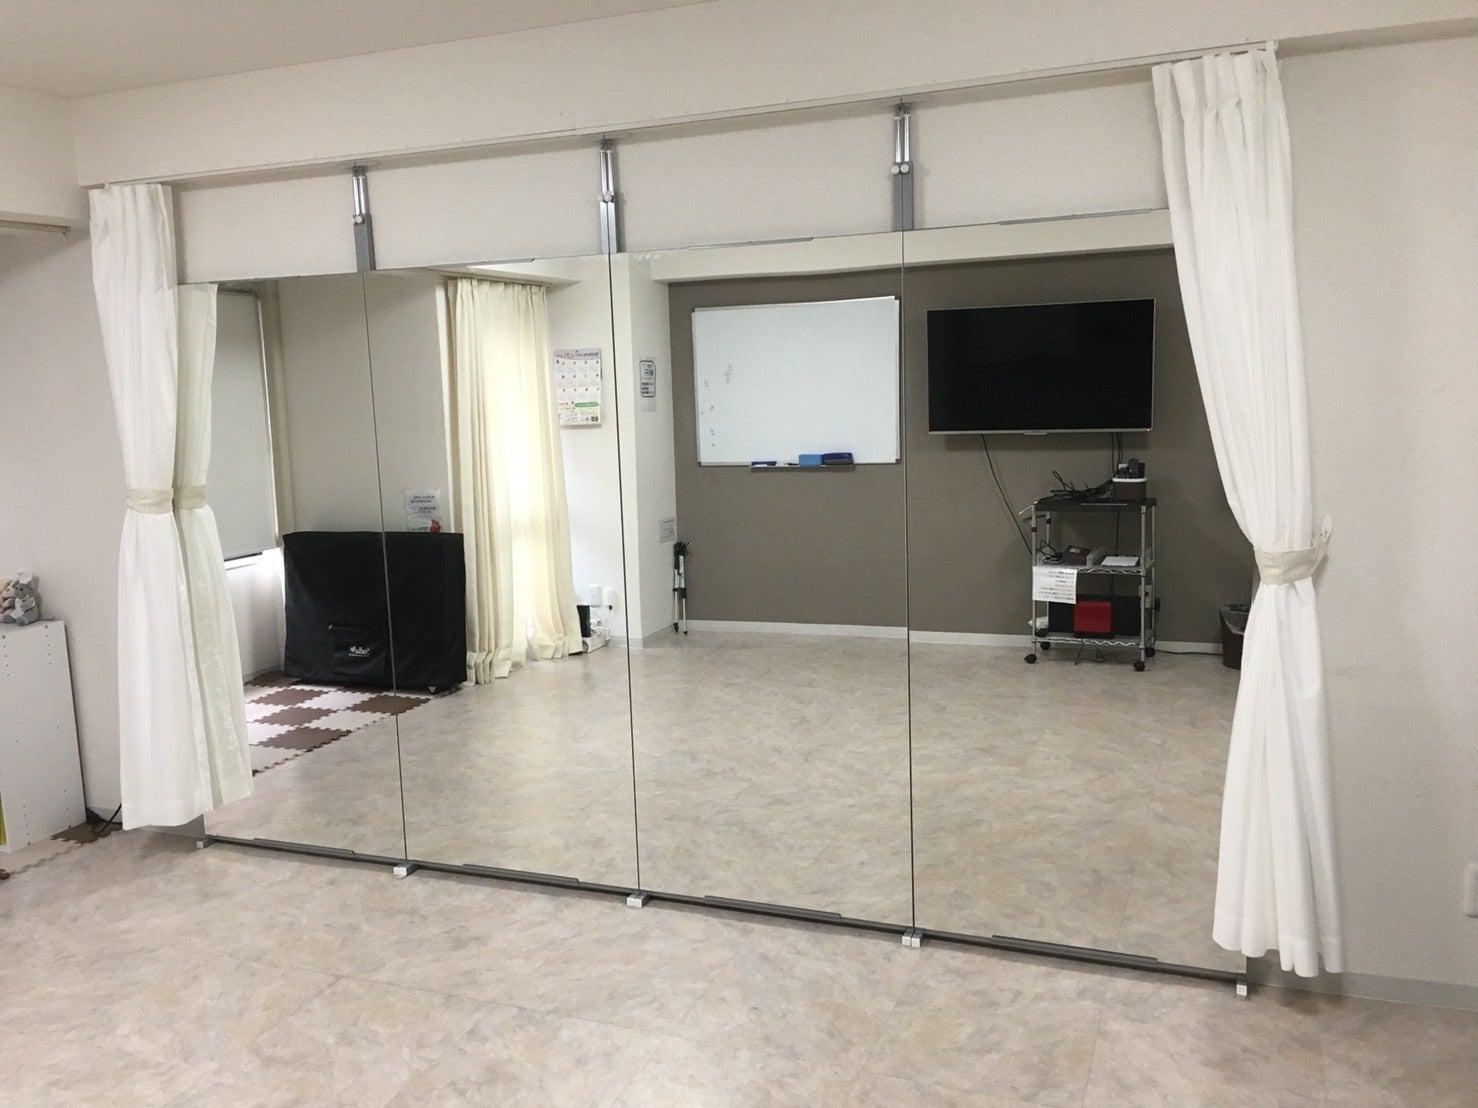 【横浜駅】大型鏡付き!ダンスやヨガができるフロアタイル!平日1時間1000円で大型モニター、WiFi完備